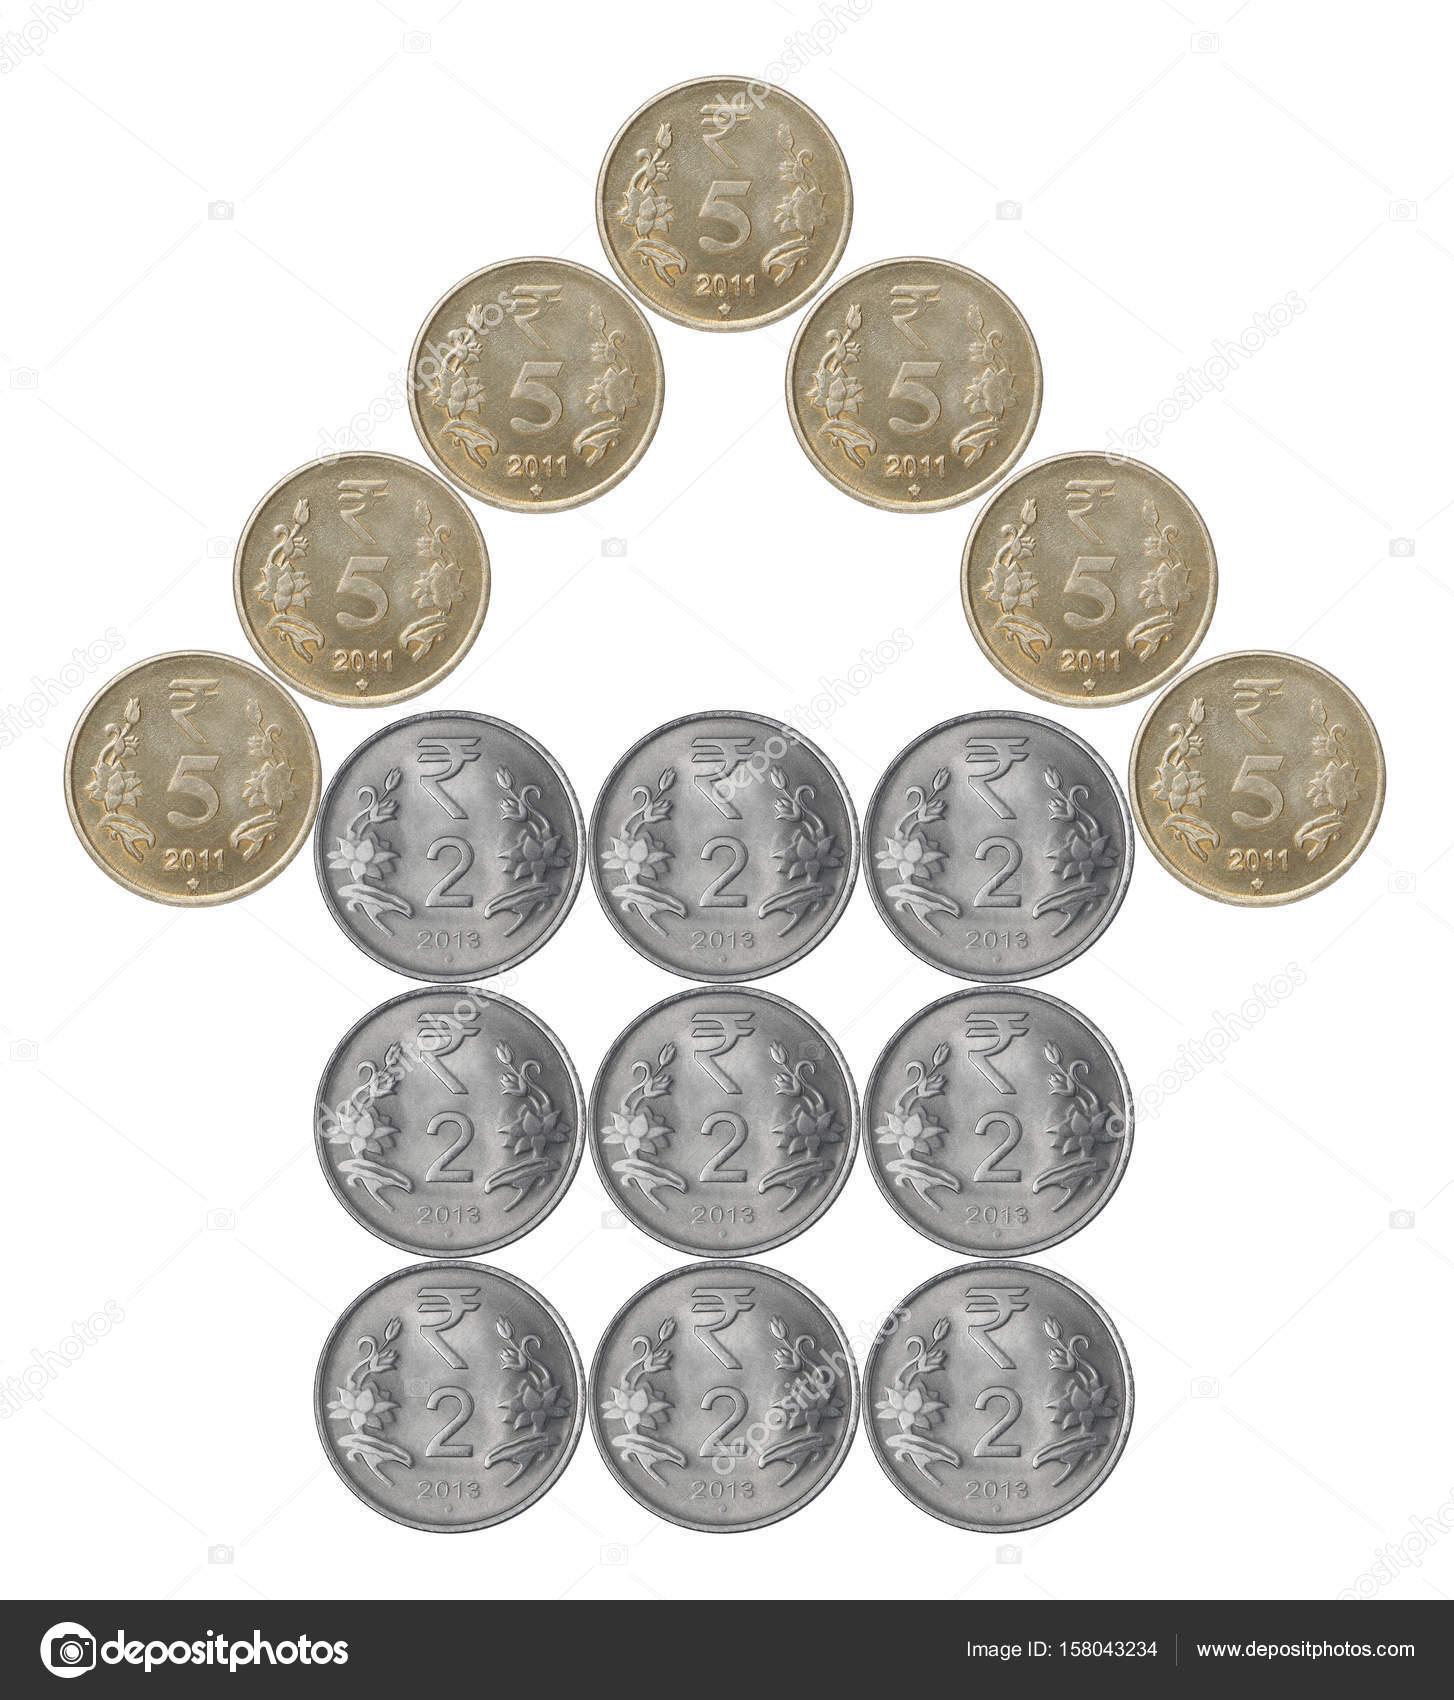 Hausgemachte Indische Münzen Stockfoto Andreylobachev 158043234